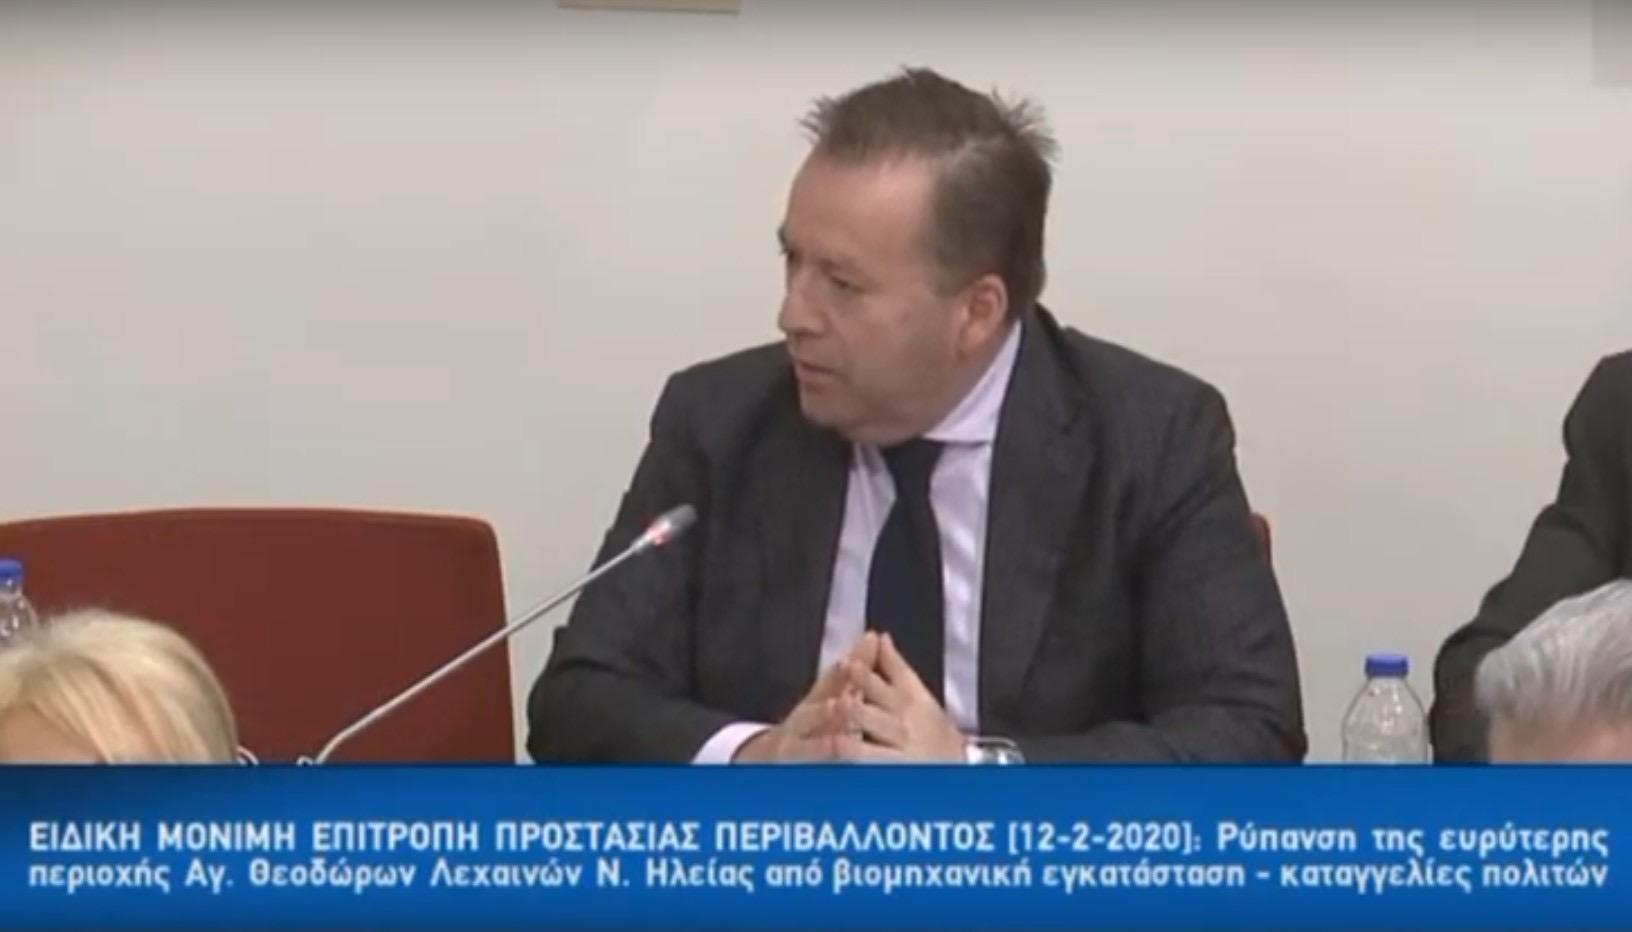 Στην Επιτροπή Περιβάλλοντος της βουλής φέρνει τη μόλυνση του Τιταρήσιου ο Κόκκαλης - Θα κληθούν Περιφερειάρχης, Δήμαρχος και εκπρόσωπος του Υπουργείου